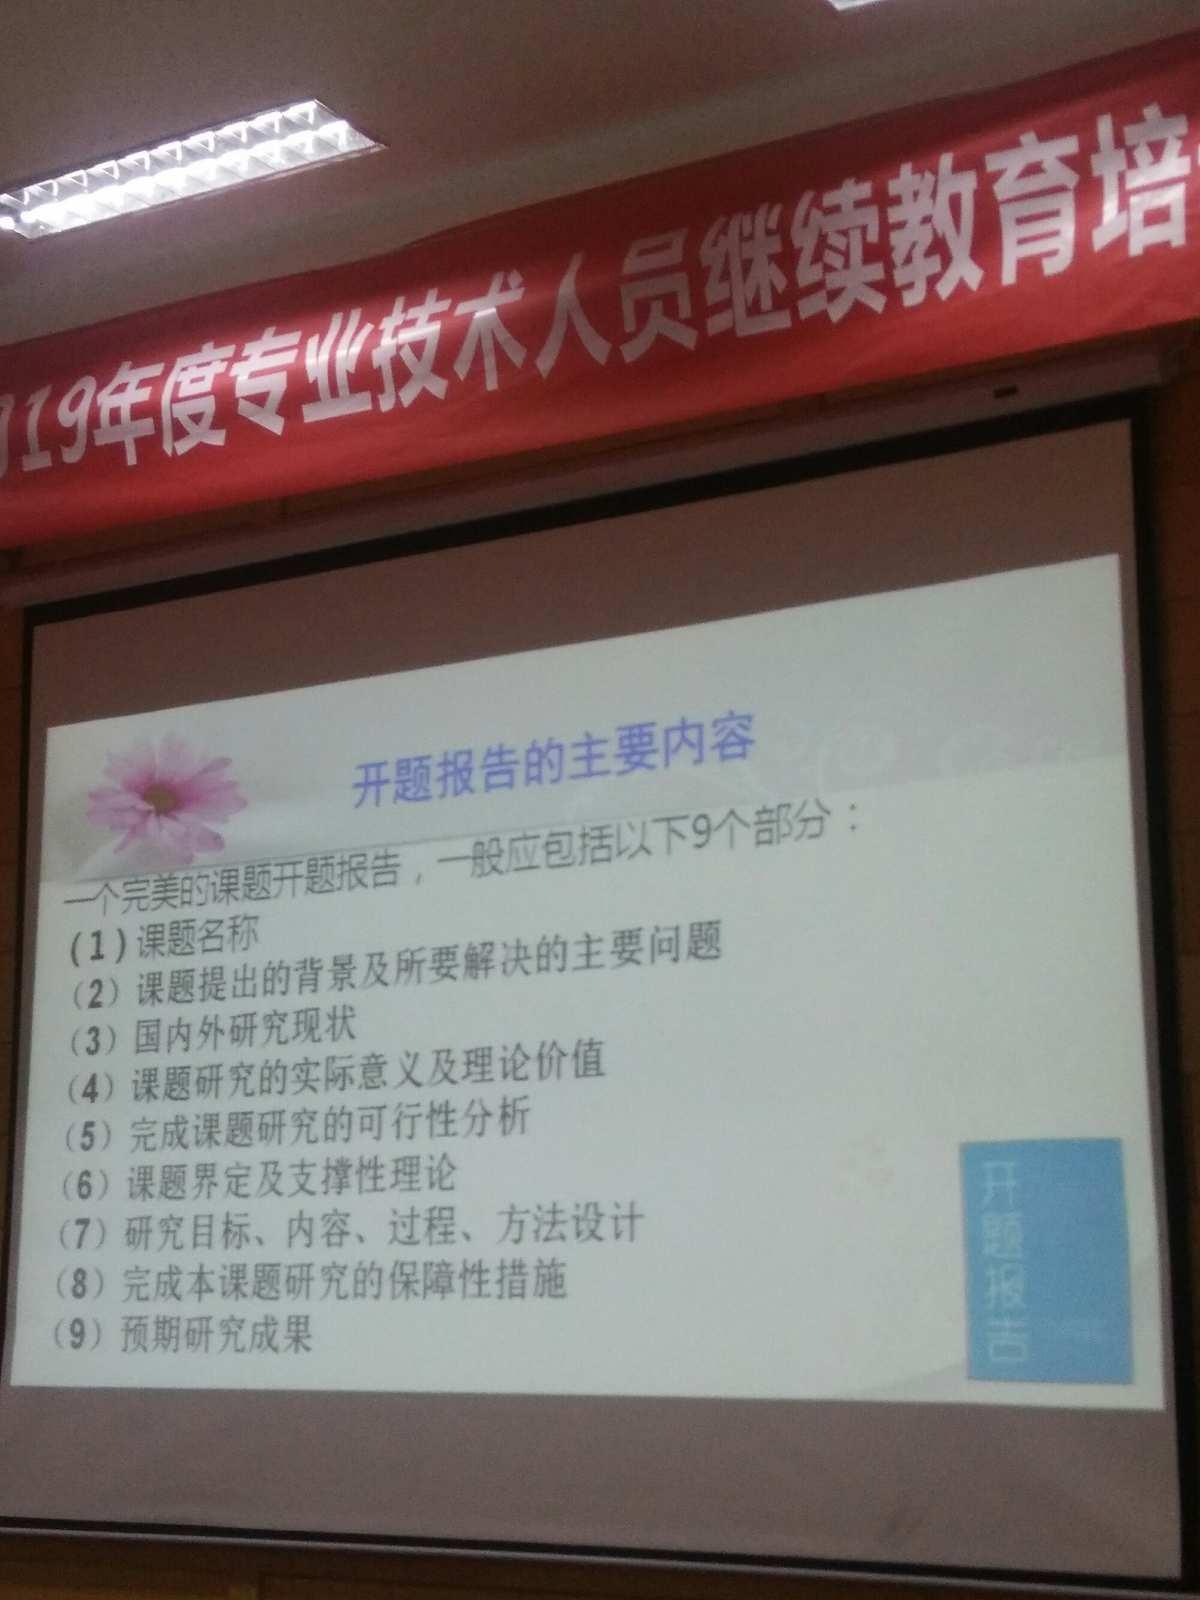 代表Ying州区专业技术人员继续教育网络培训平台:如何登录中小学教师继续教育培训网络?